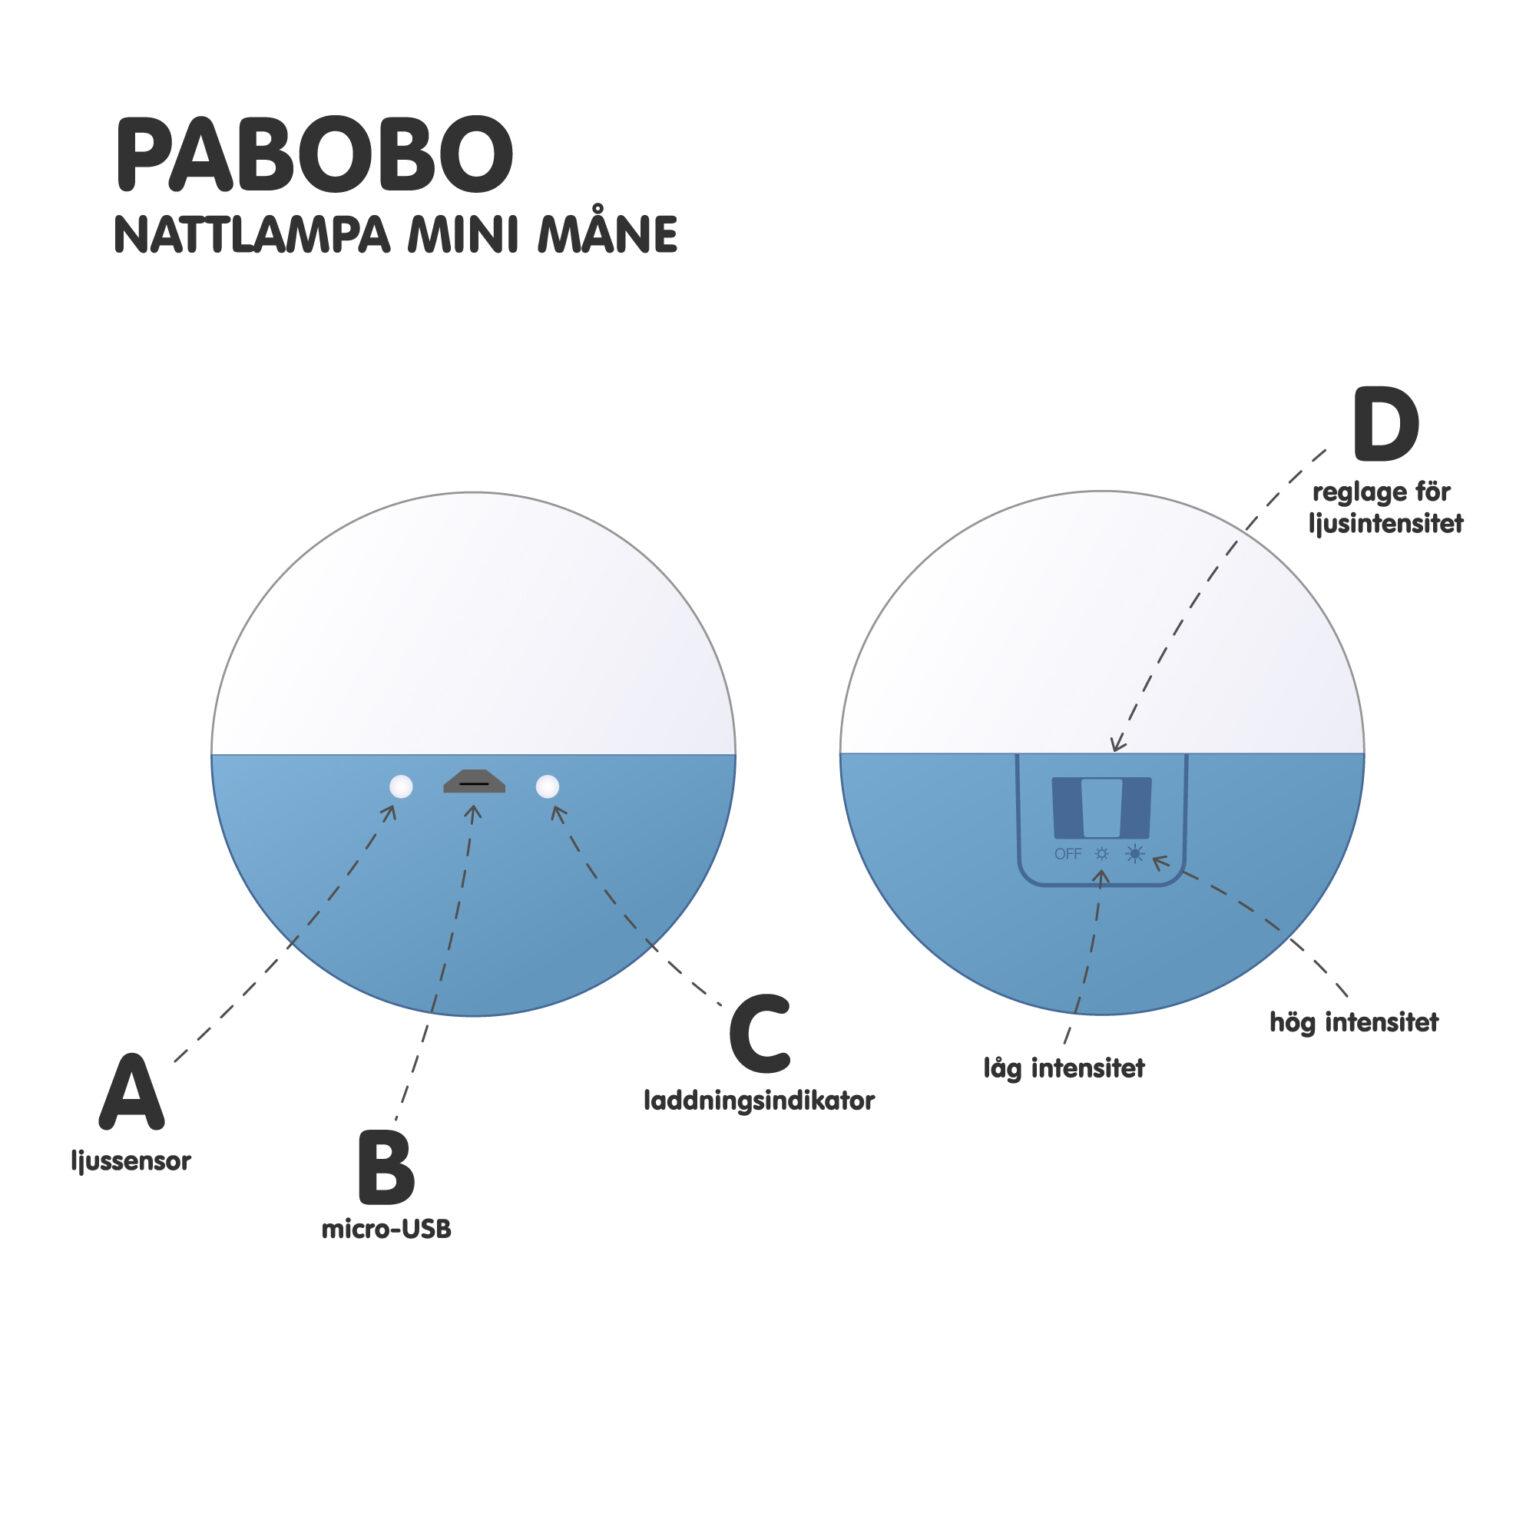 Pabobo Mini Mane Skiss Bla